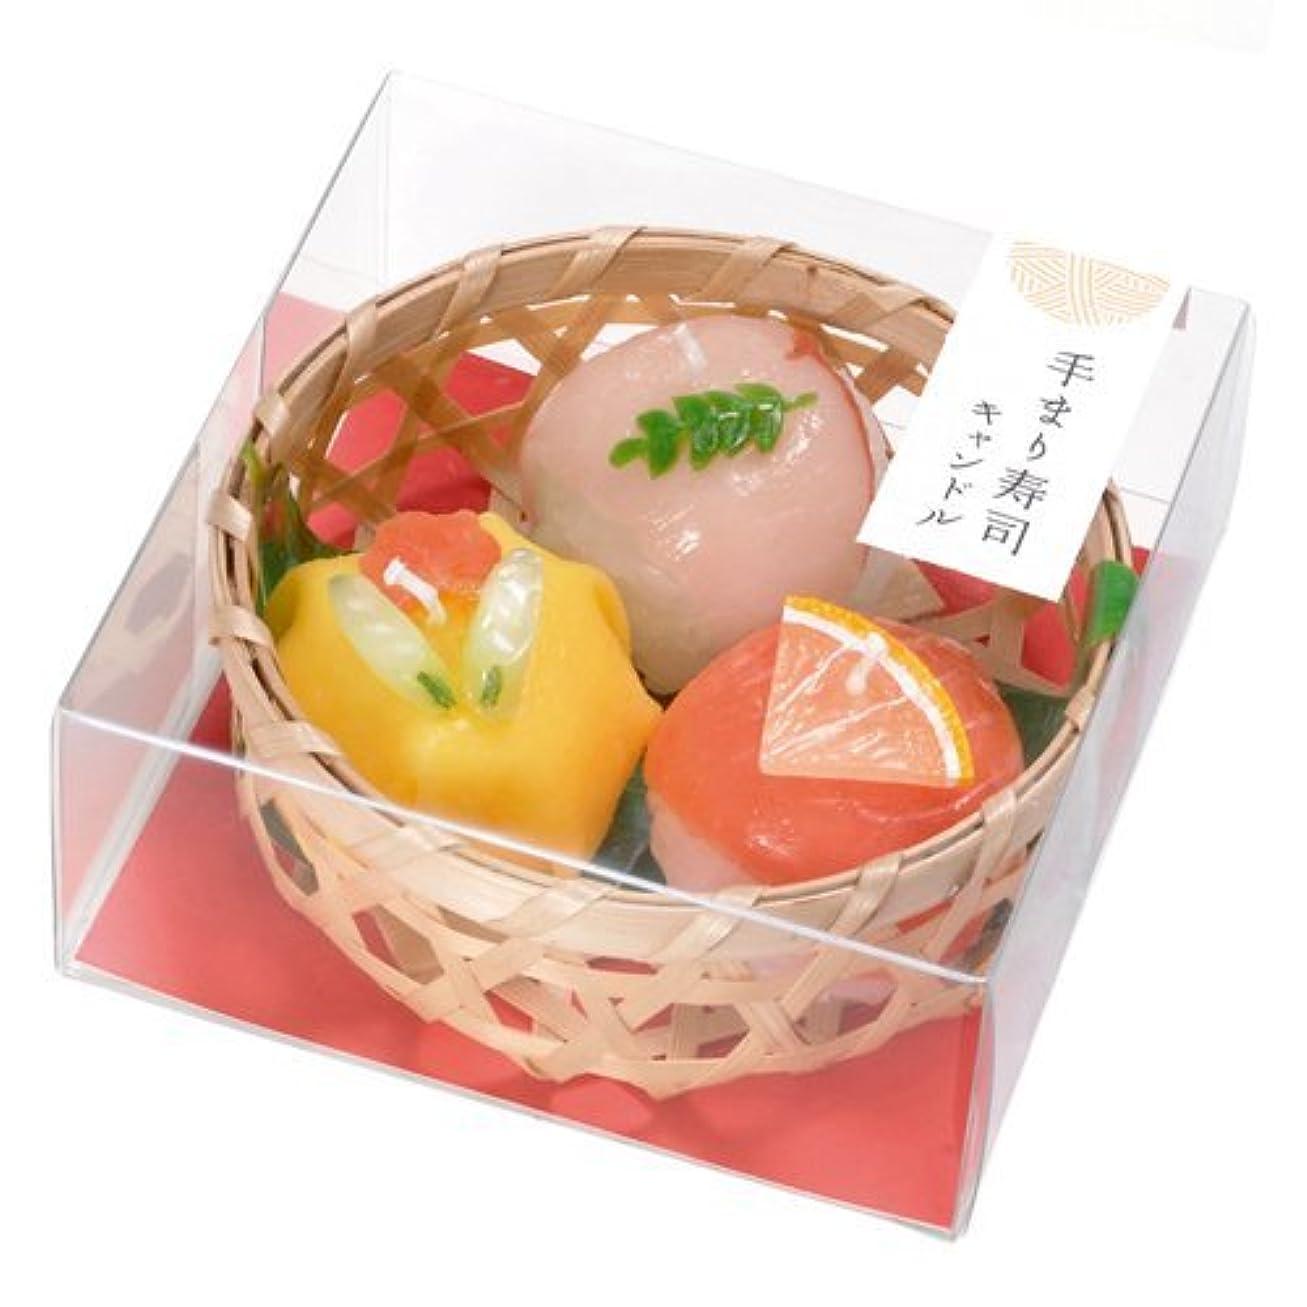 のり資源きらめく手まり寿司キャンドル (故人の好物シリーズ)